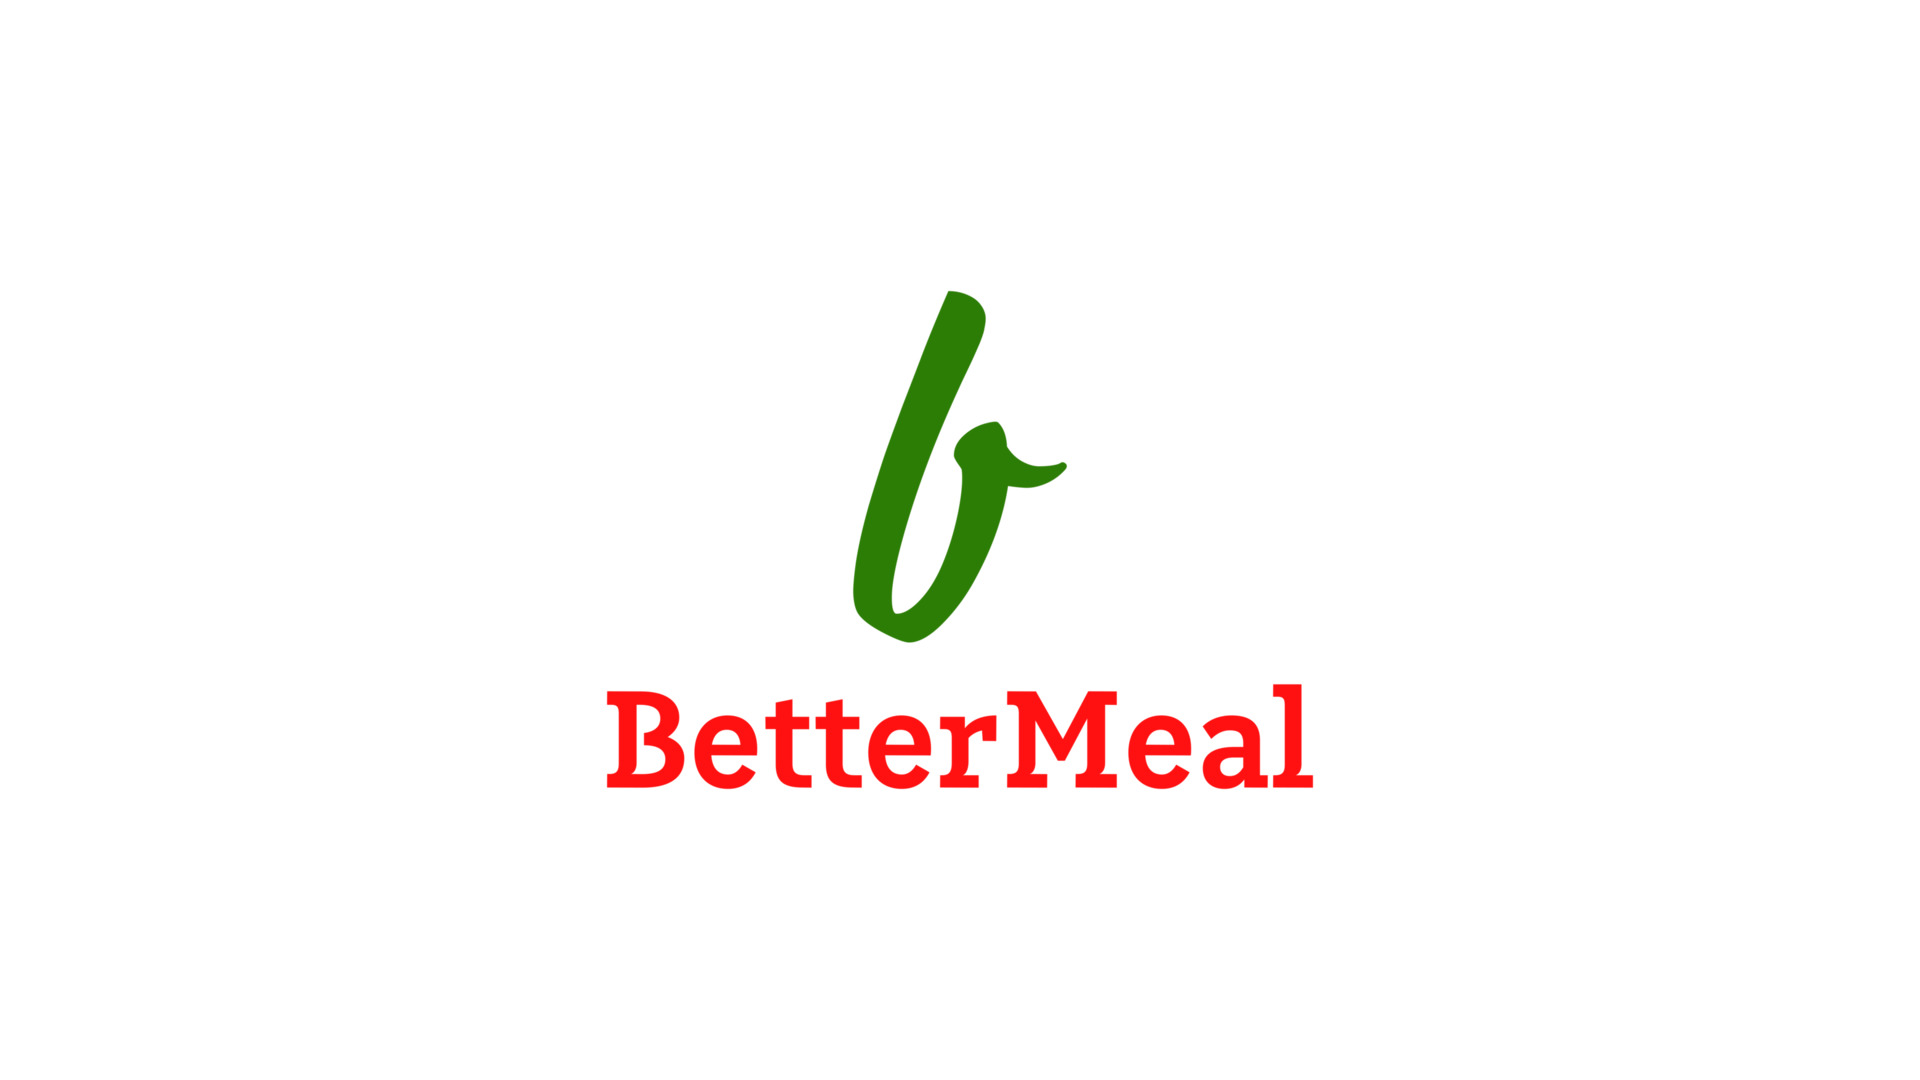 BetterMeal